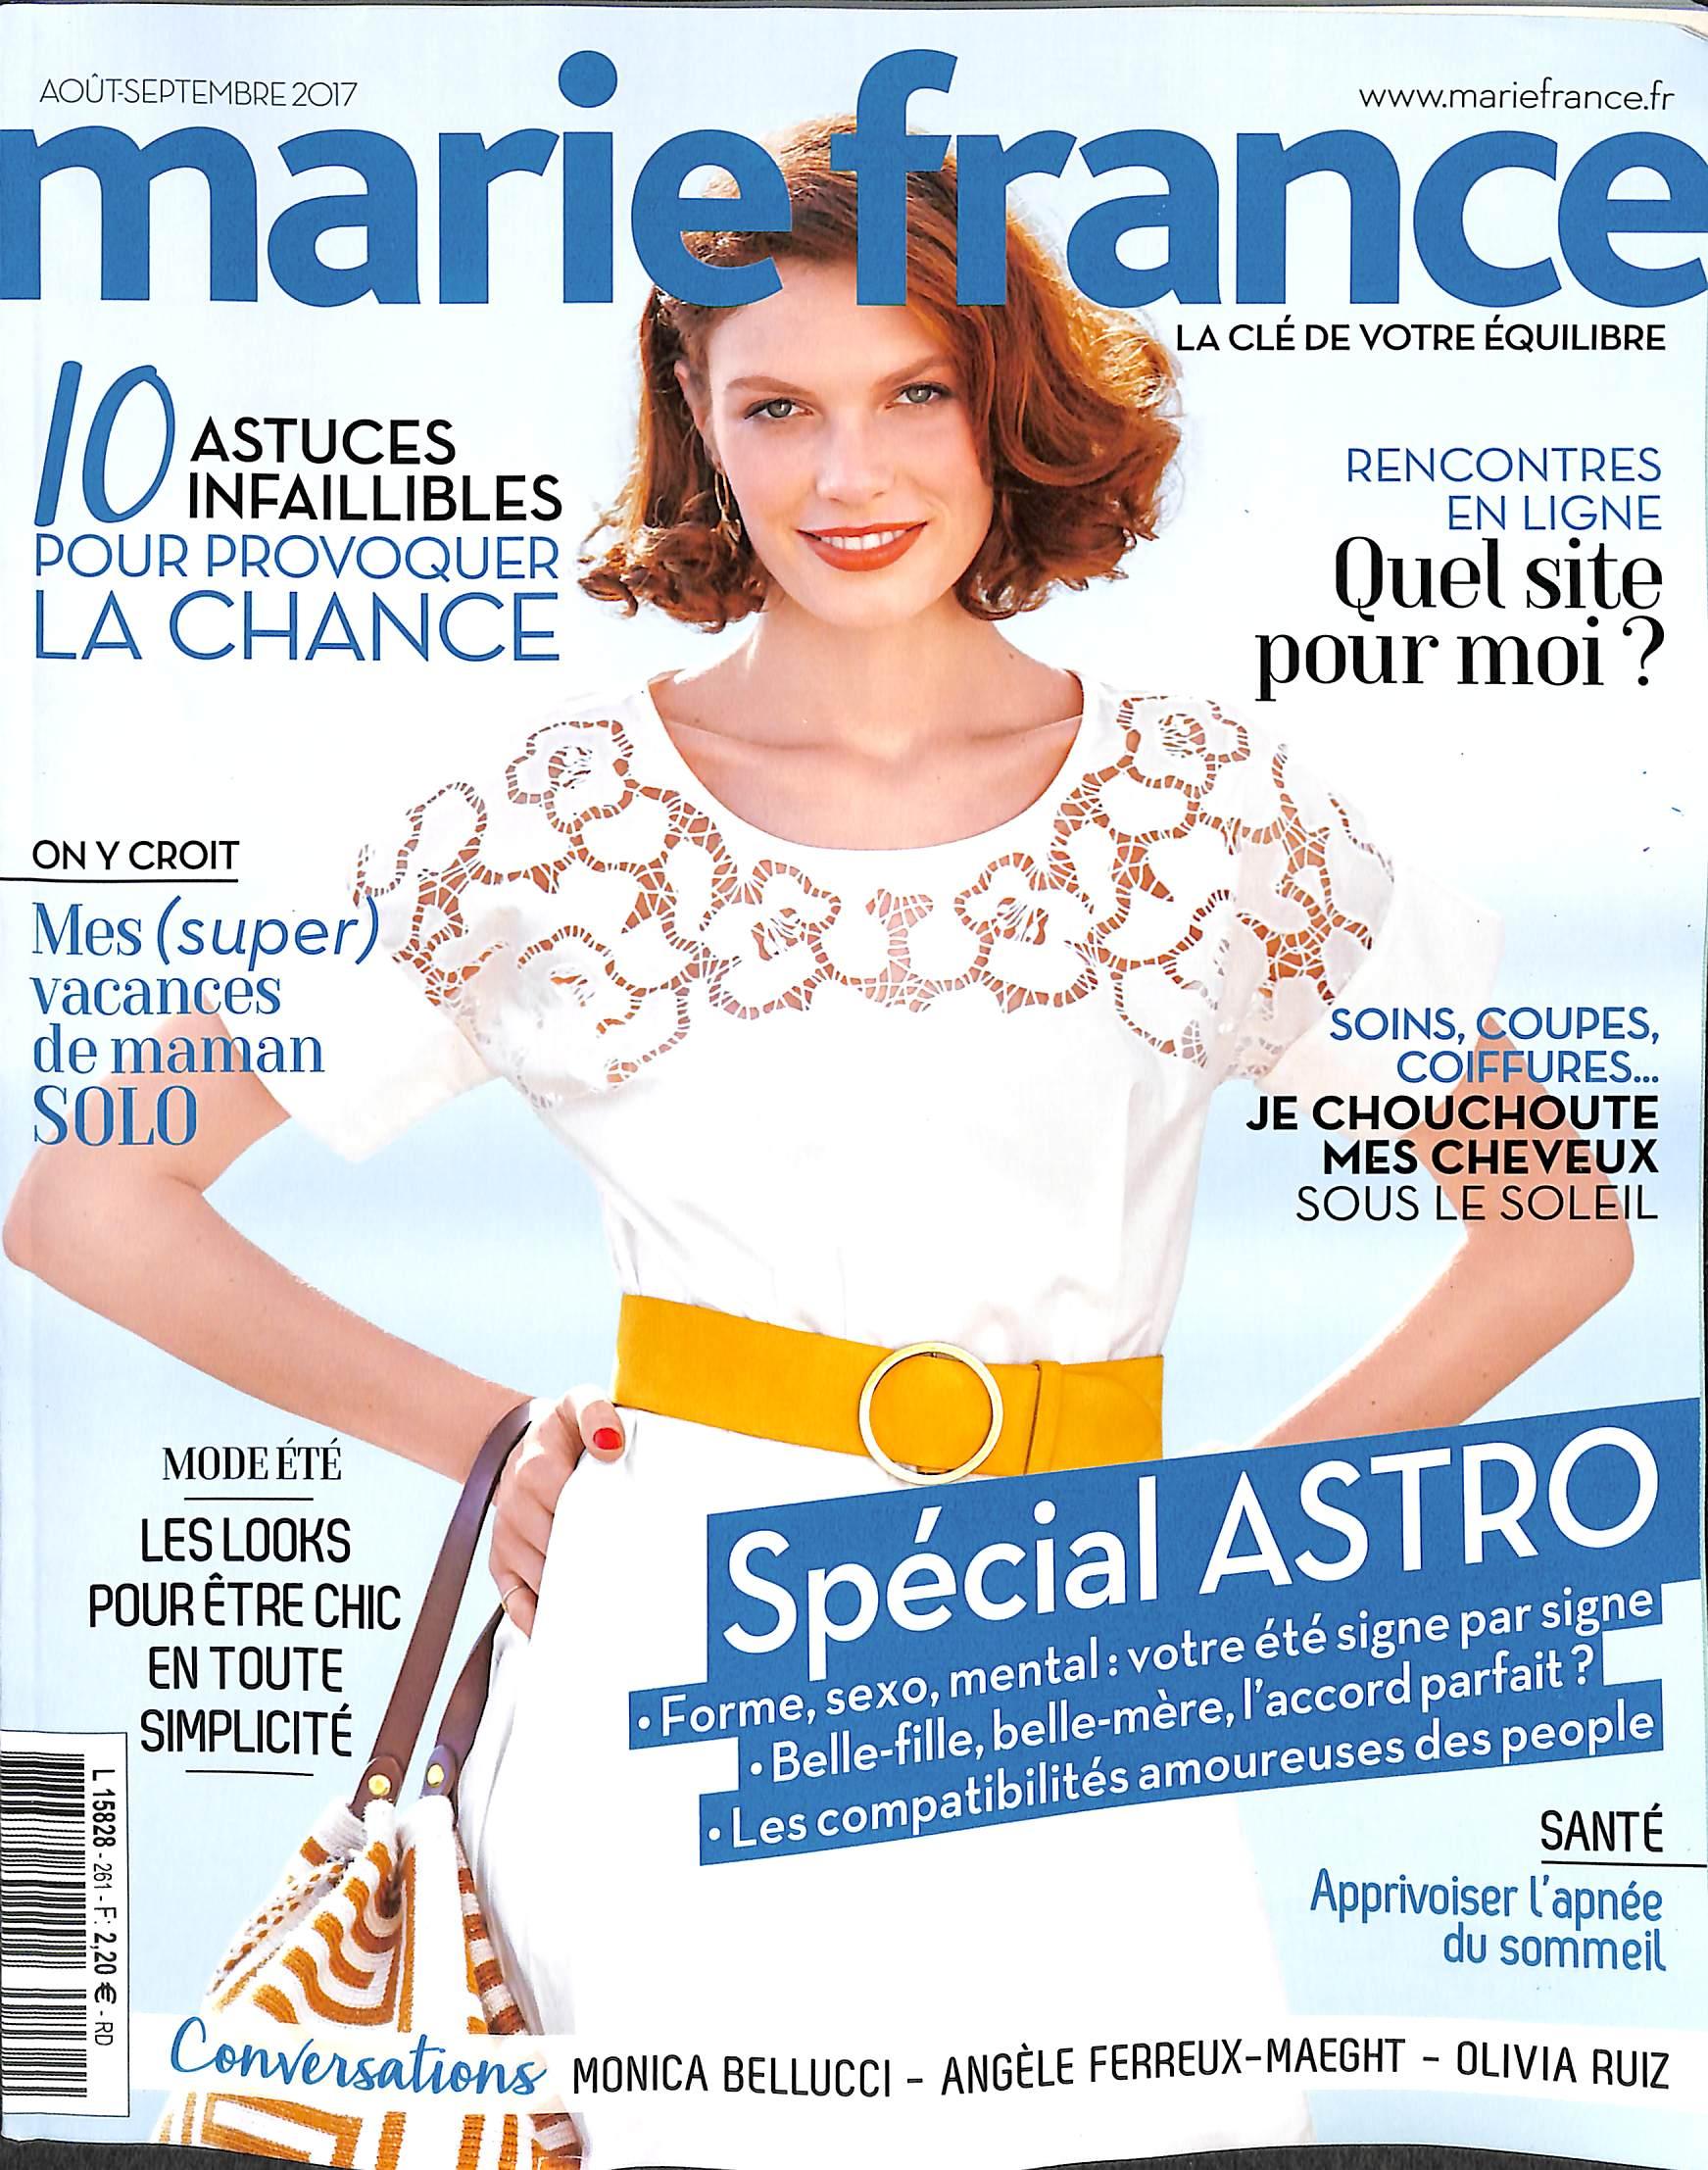 marie france n 261 abonnement marie france abonnement magazine par. Black Bedroom Furniture Sets. Home Design Ideas